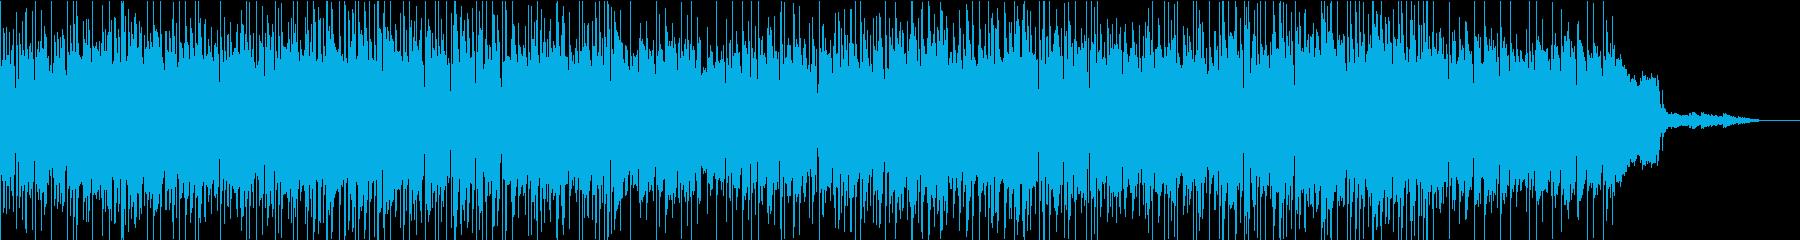 70年代アメリカンポップスのような曲の再生済みの波形